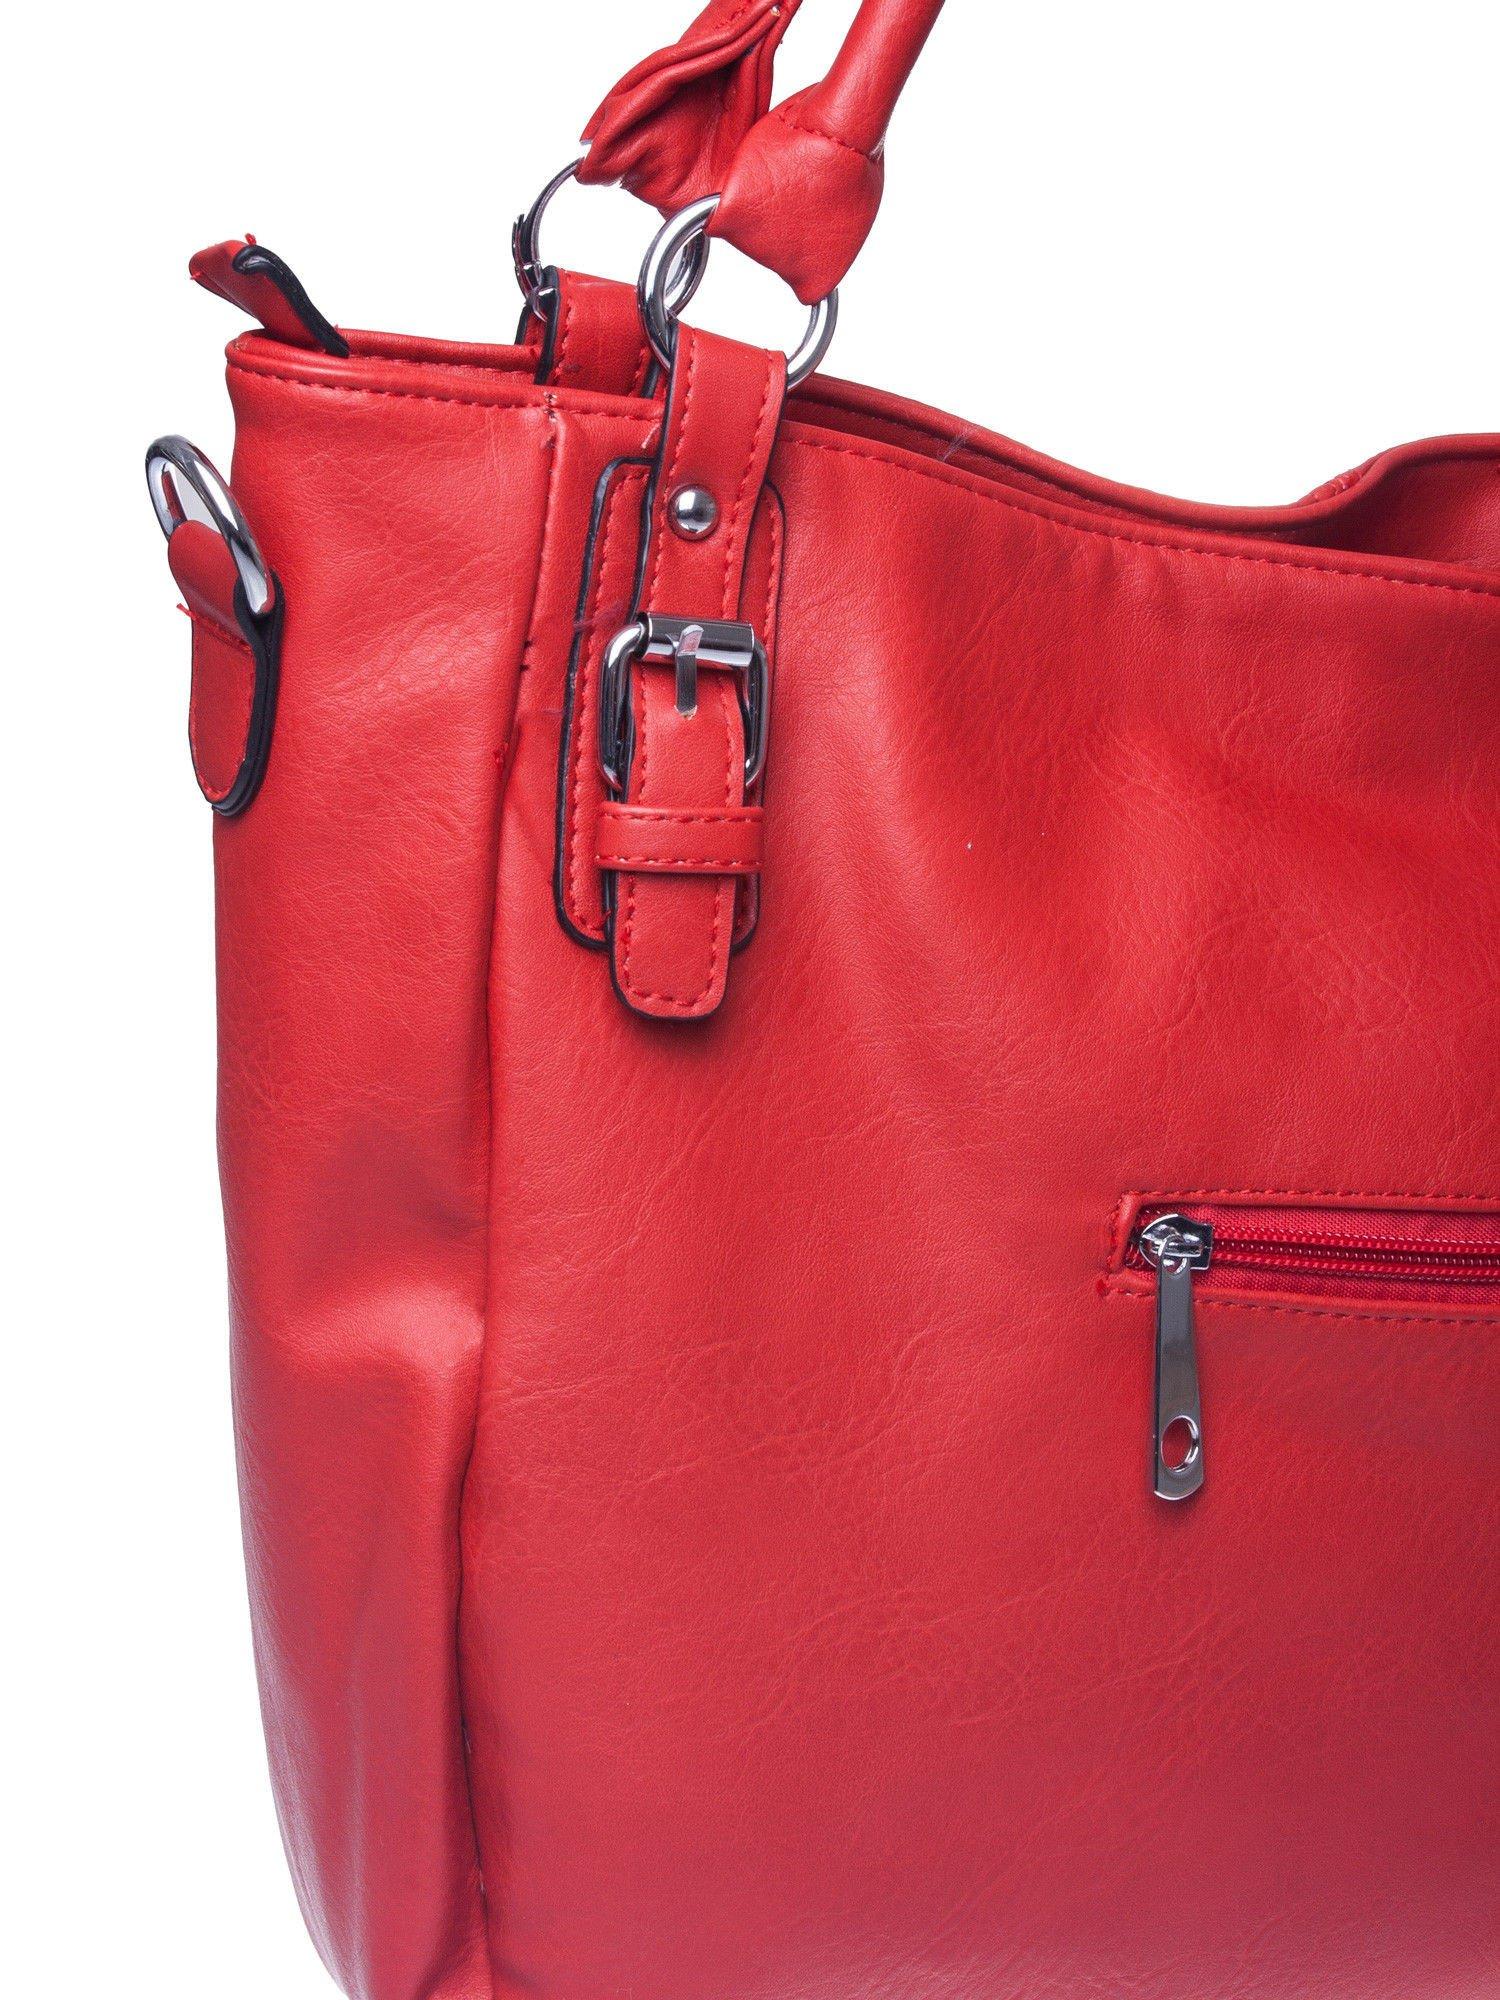 Czerwona torebka miejska z odpinanym paskiem                                  zdj.                                  4